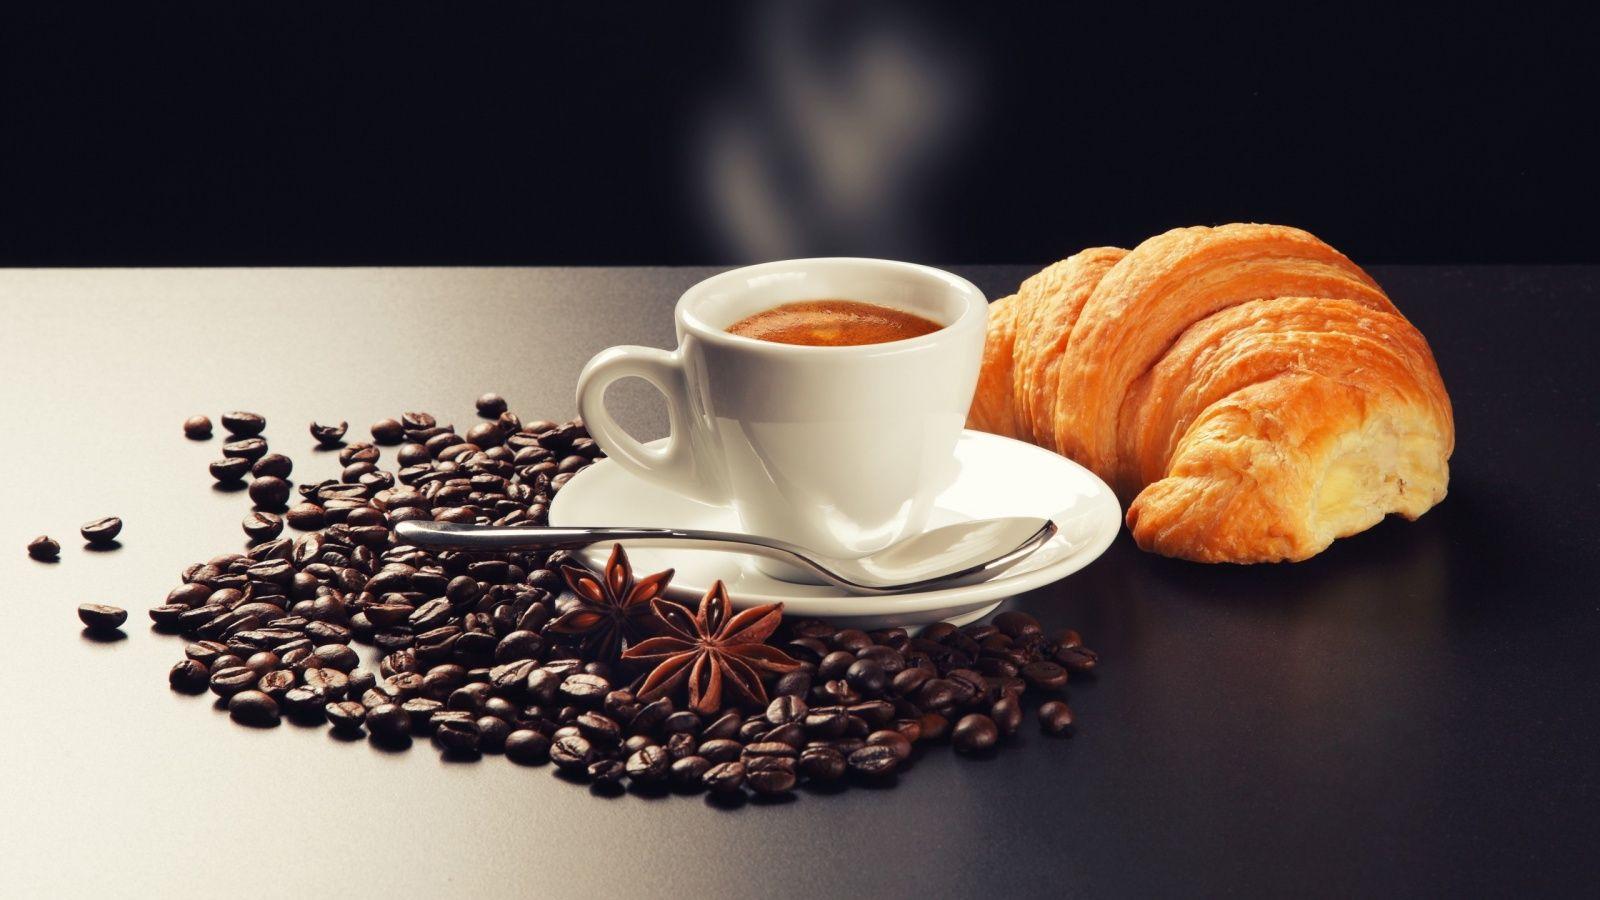 Damit der Tag gut beginnen kann, braucht man eine gute Tasse Kaffee ...